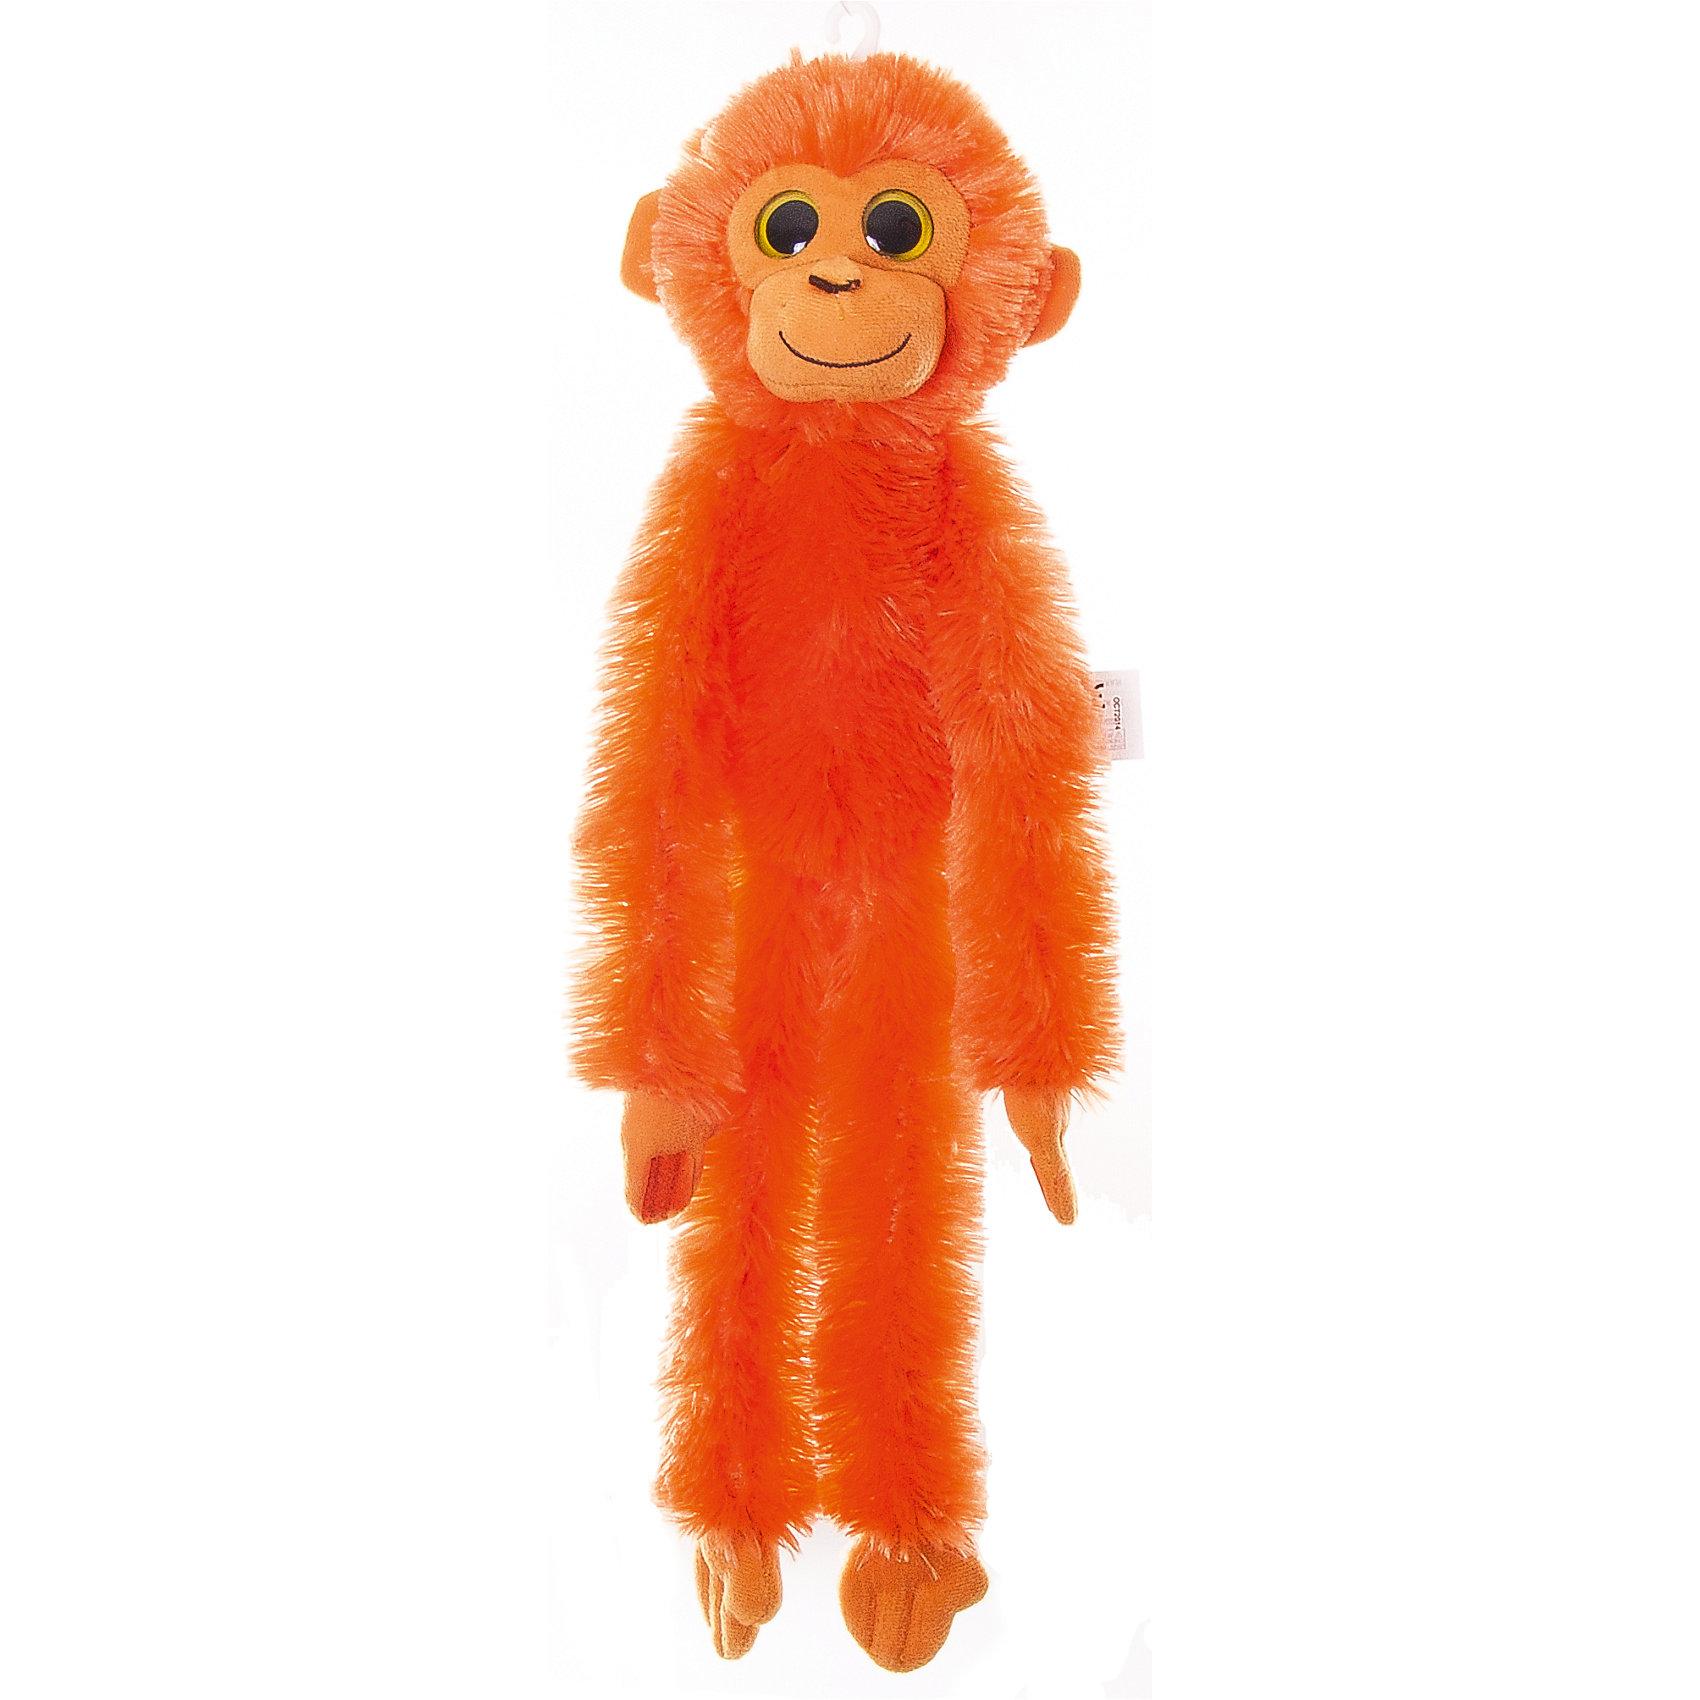 AURORA Мягкая игрушка Шимпанзе оранжевый, 50 см., AURORA большую мягкую игрушку собаку лежа в москве